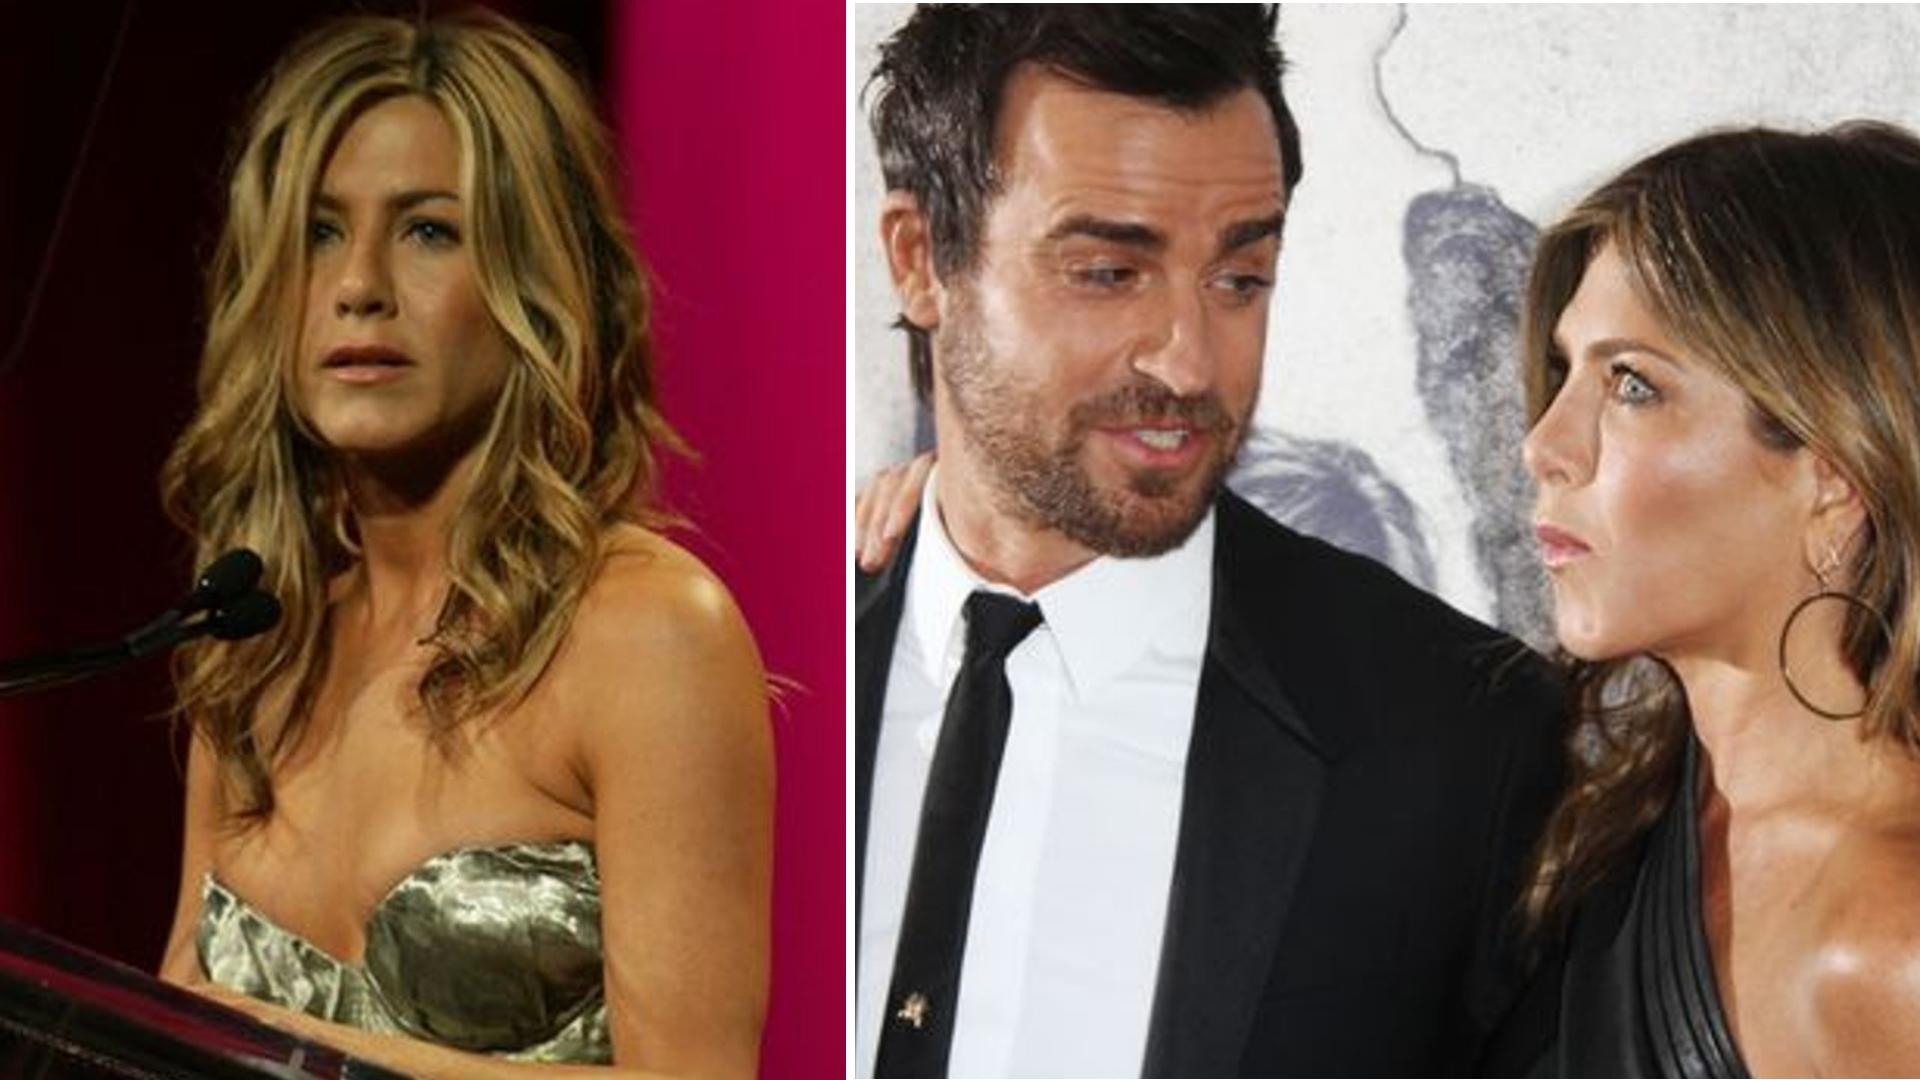 Potajemne spotkania Jennifer Aniston i Justin Theroux stają się bardzo INTYMNE